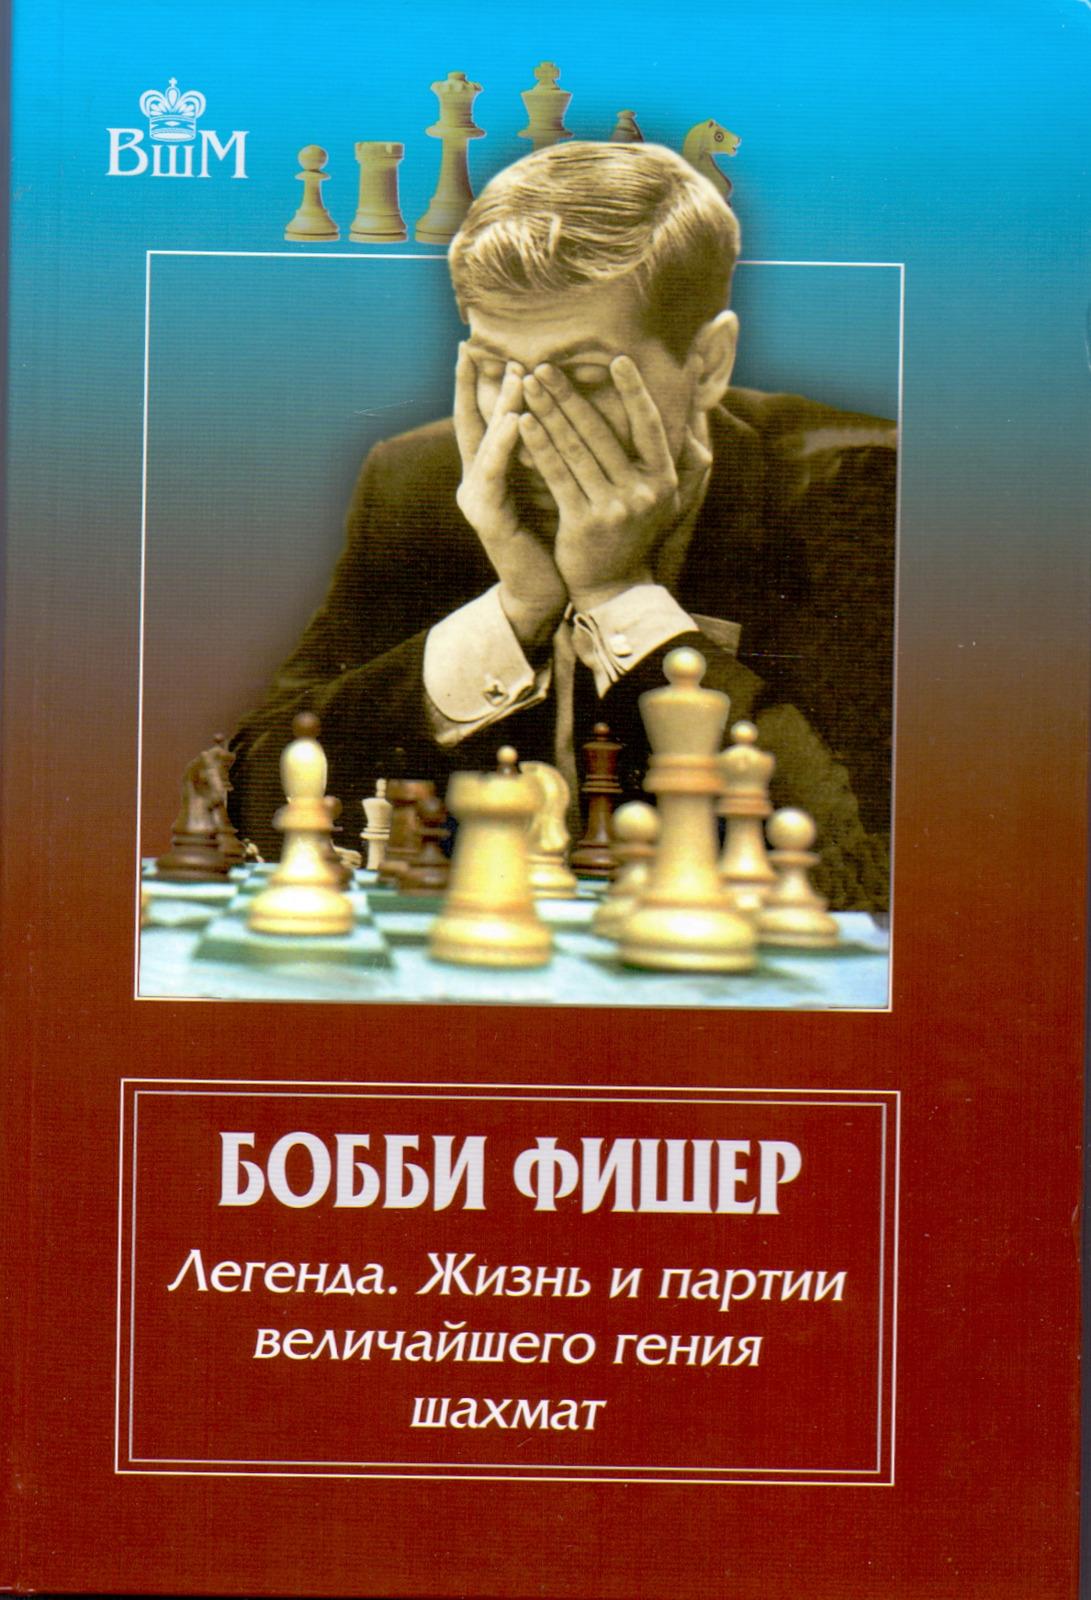 Бобби Фишер.Легенда.Жизнь и партии величайшего гения шахмат